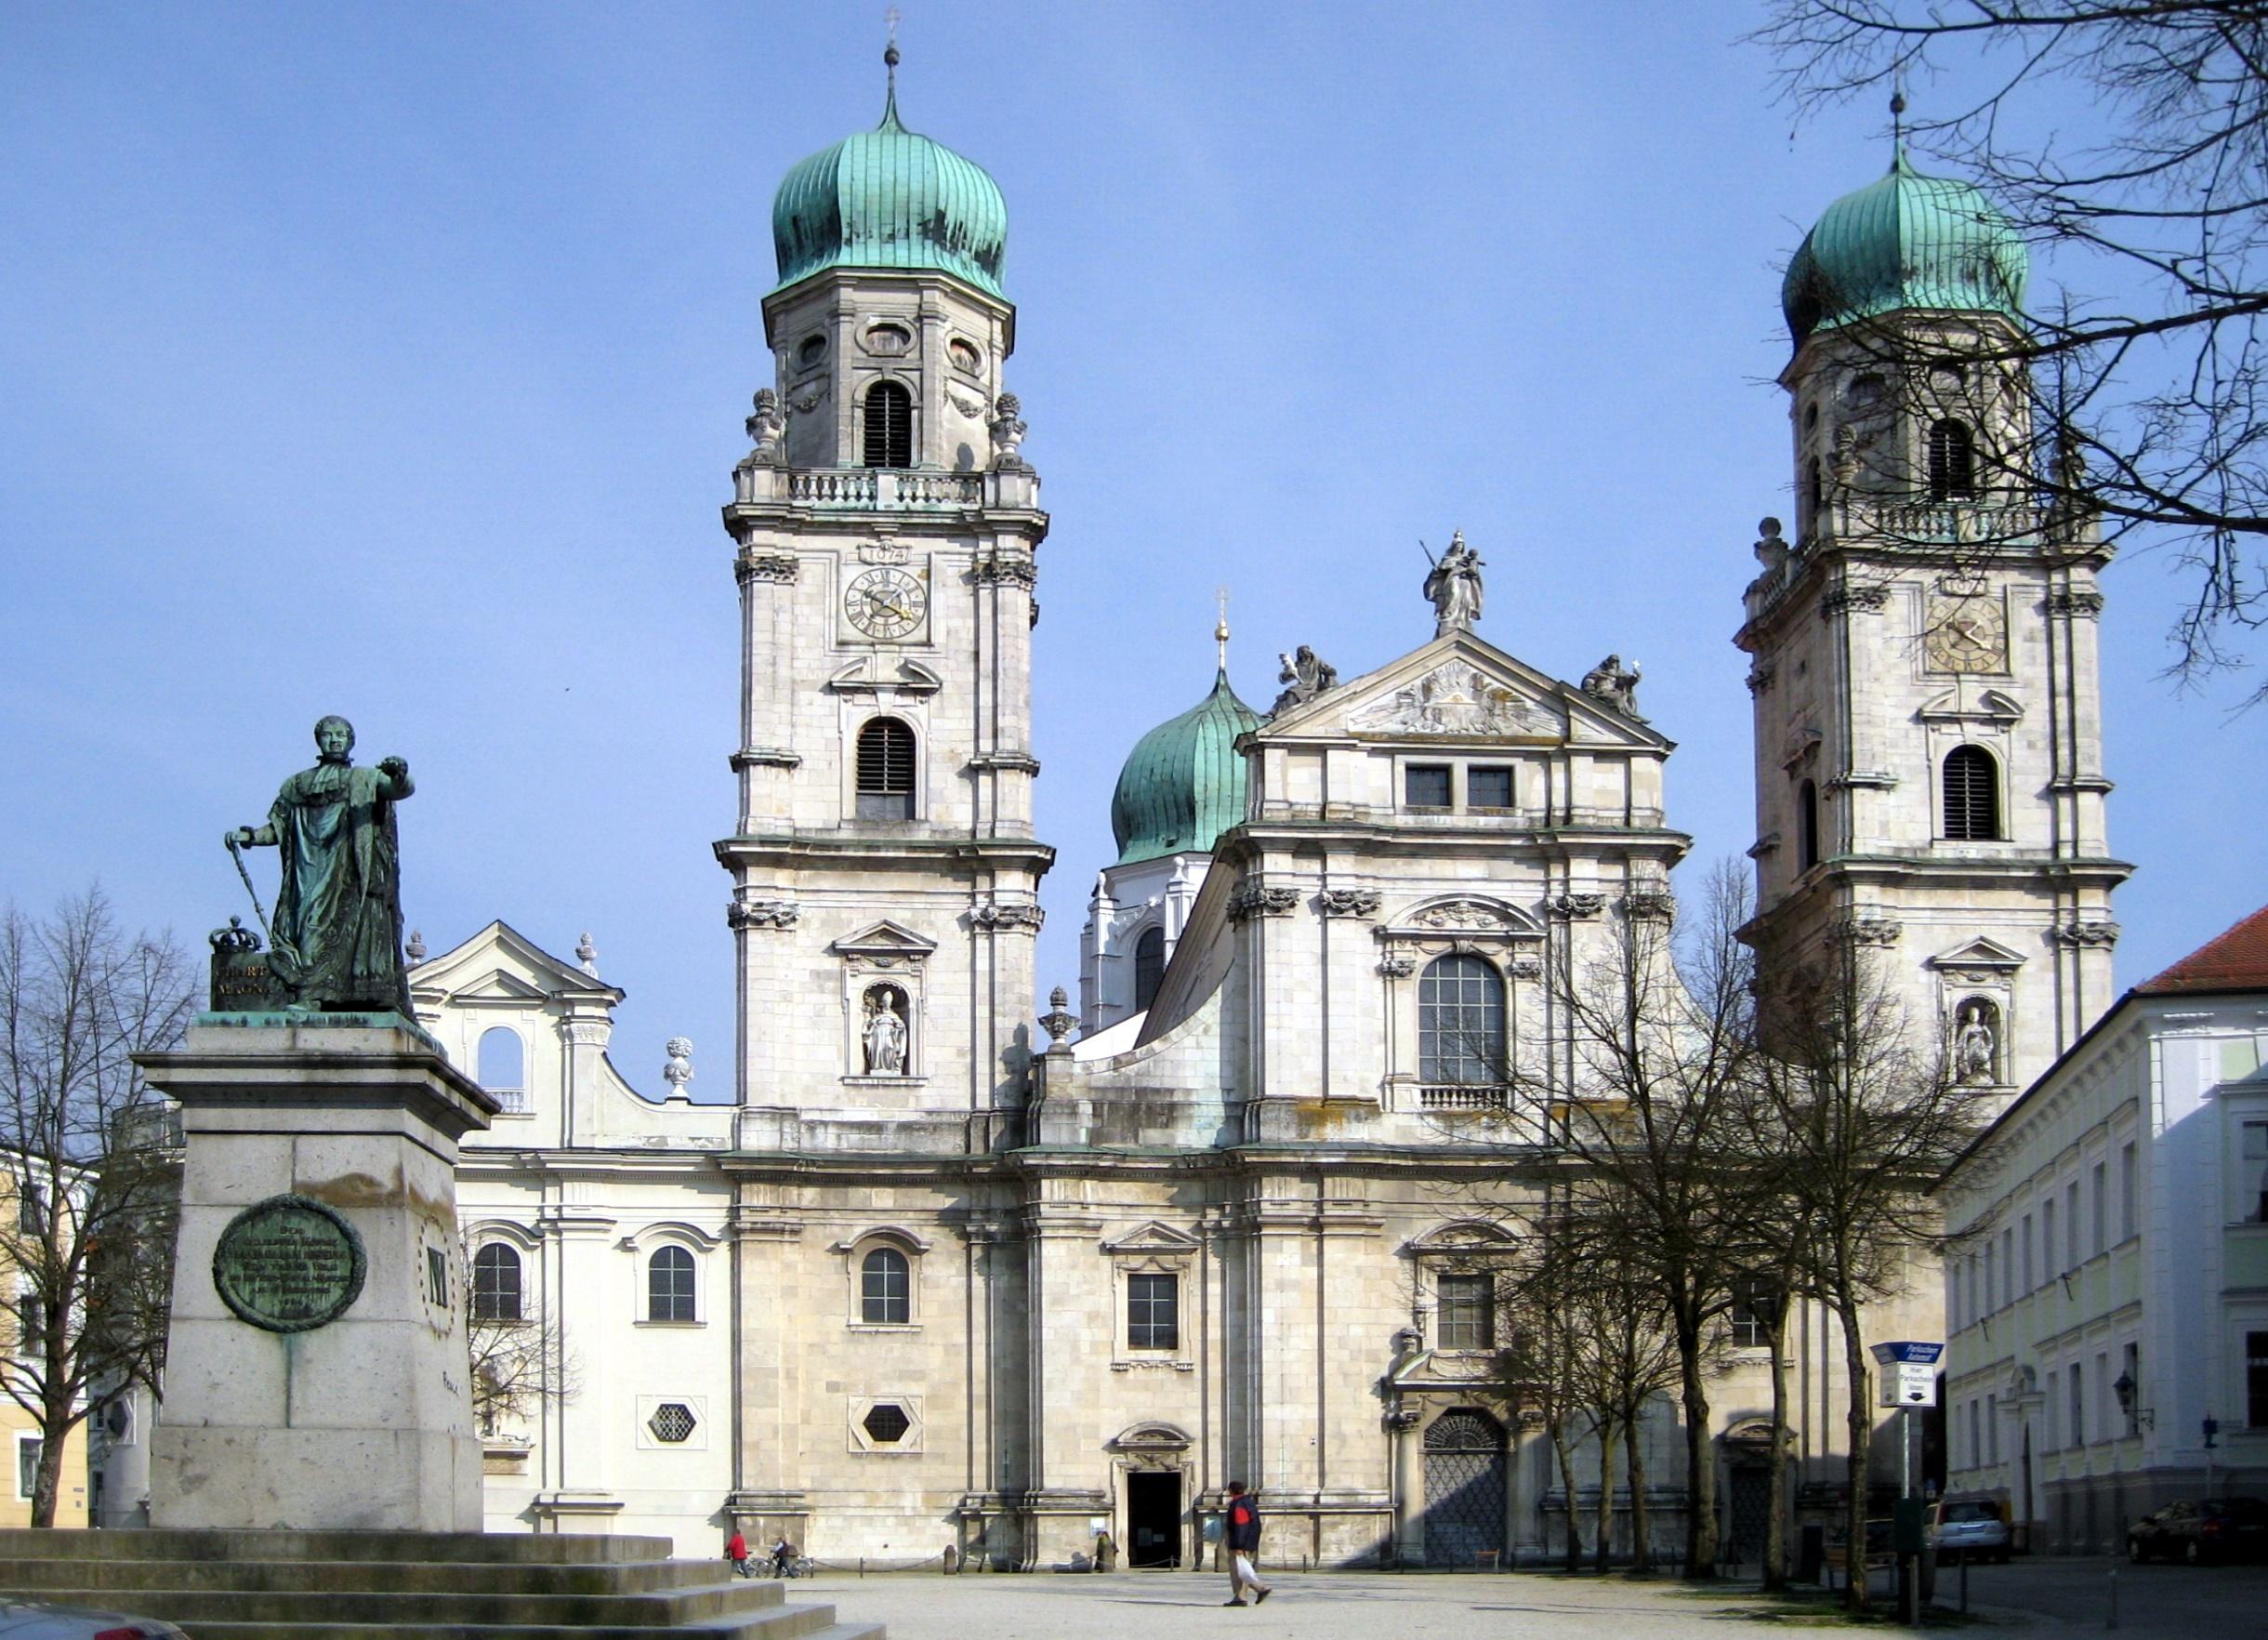 Bild von Bayern: Dom St. Stephan (Passau)